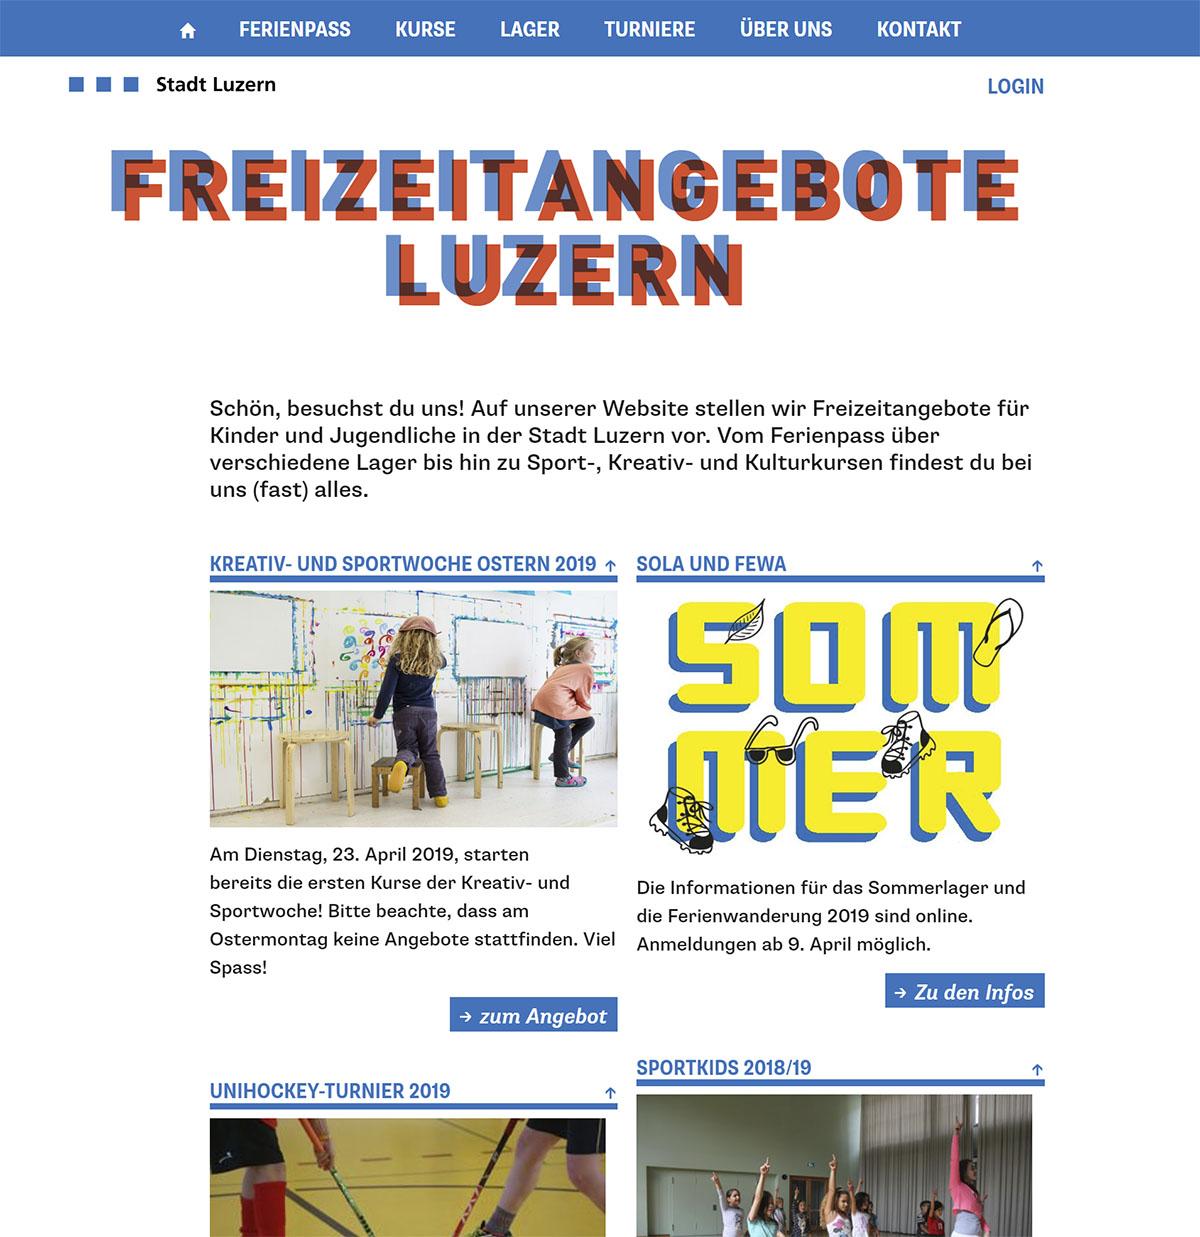 Stadt Luzern - Freizeitangebote